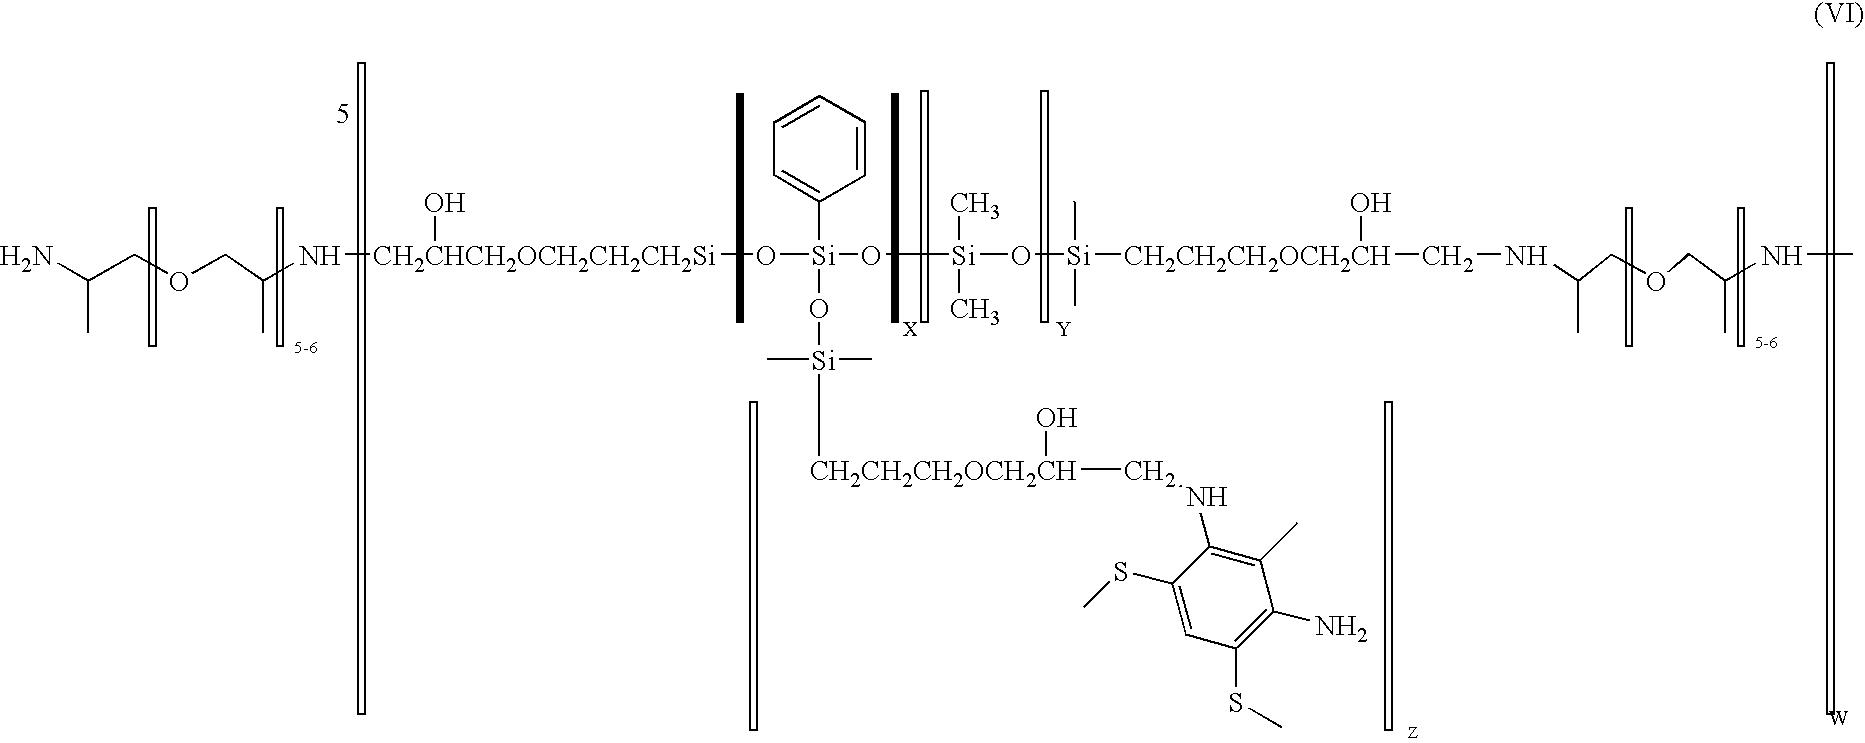 Figure US20040054112A1-20040318-C00004